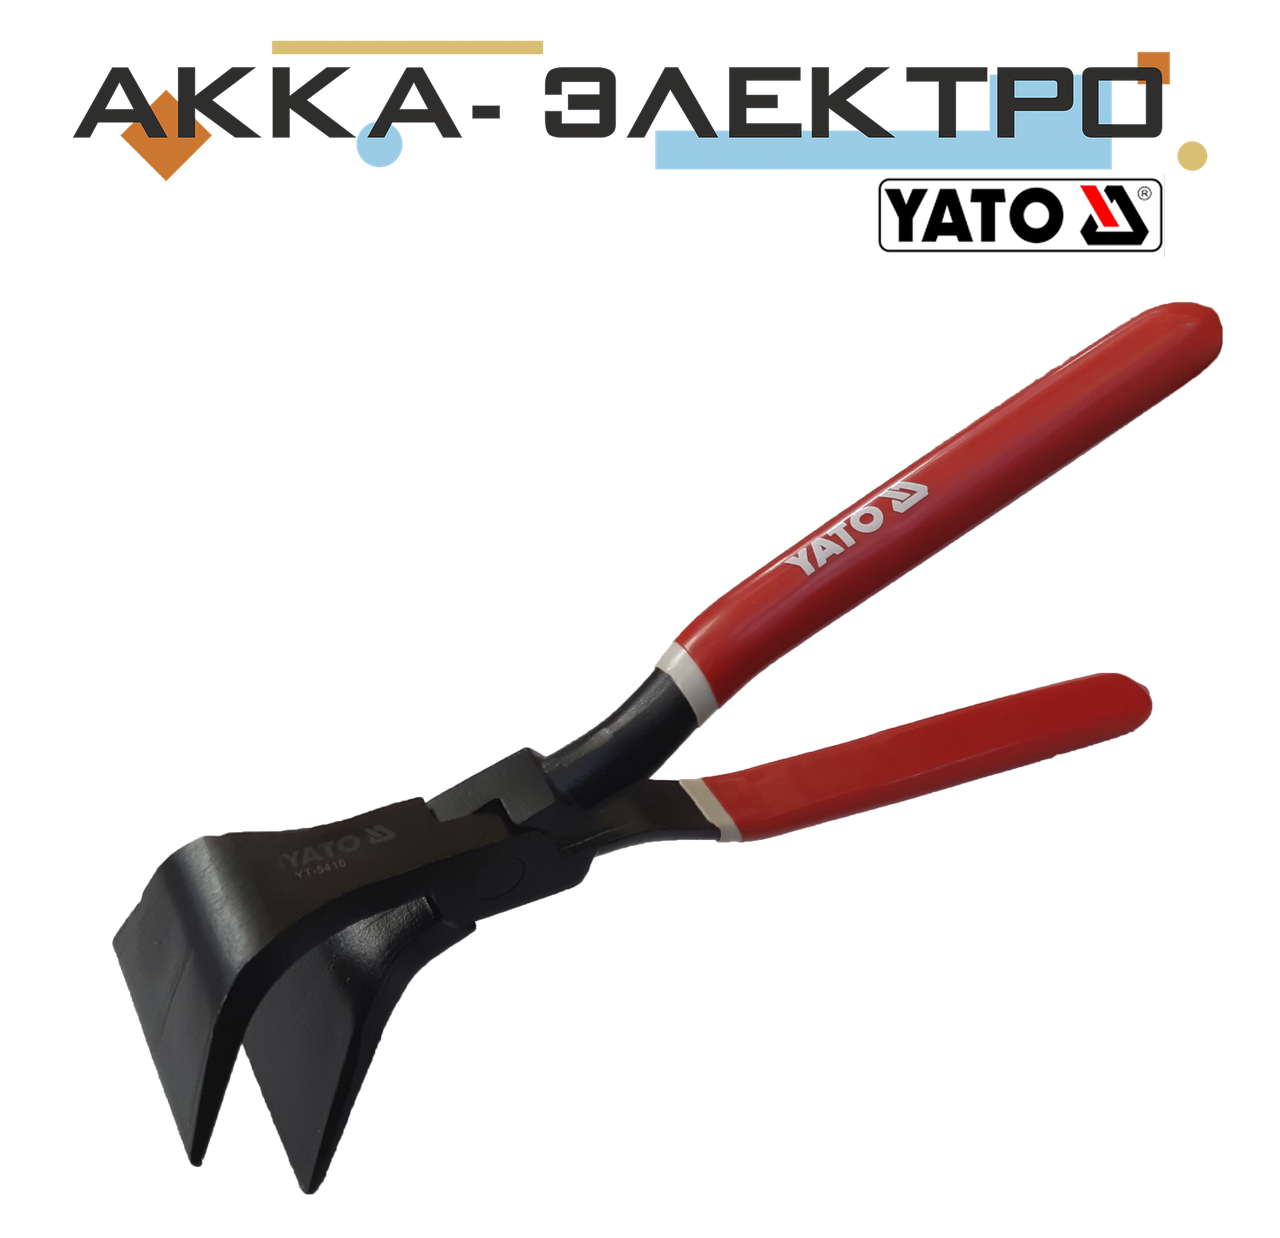 Кліщі покрівельні вигнуті 280мм для згинання листового металу Yato YT-5416